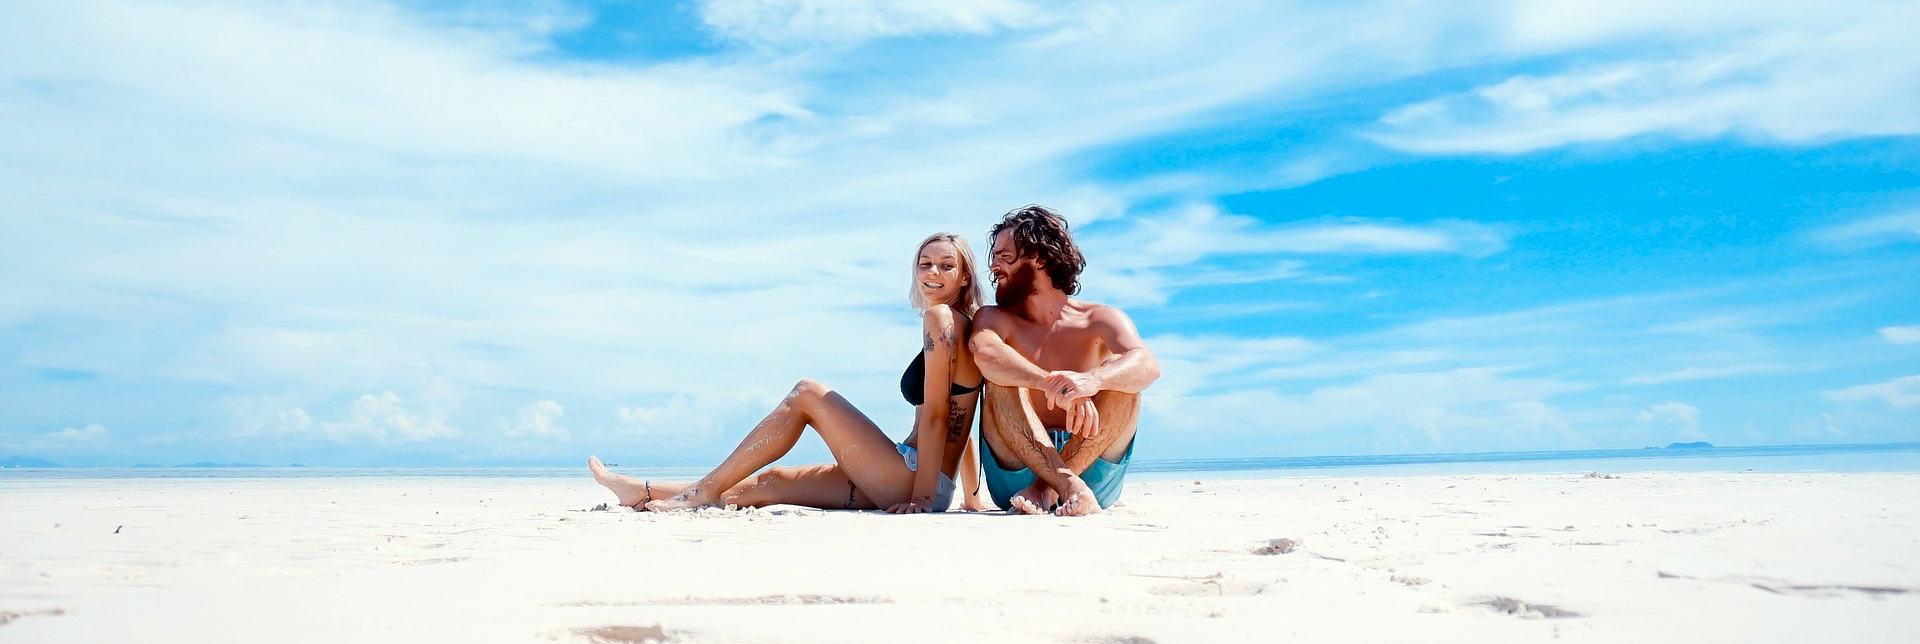 Zu zweit glücklich Rauchfrei am Strand. Hypnose Phaidros heidelberg